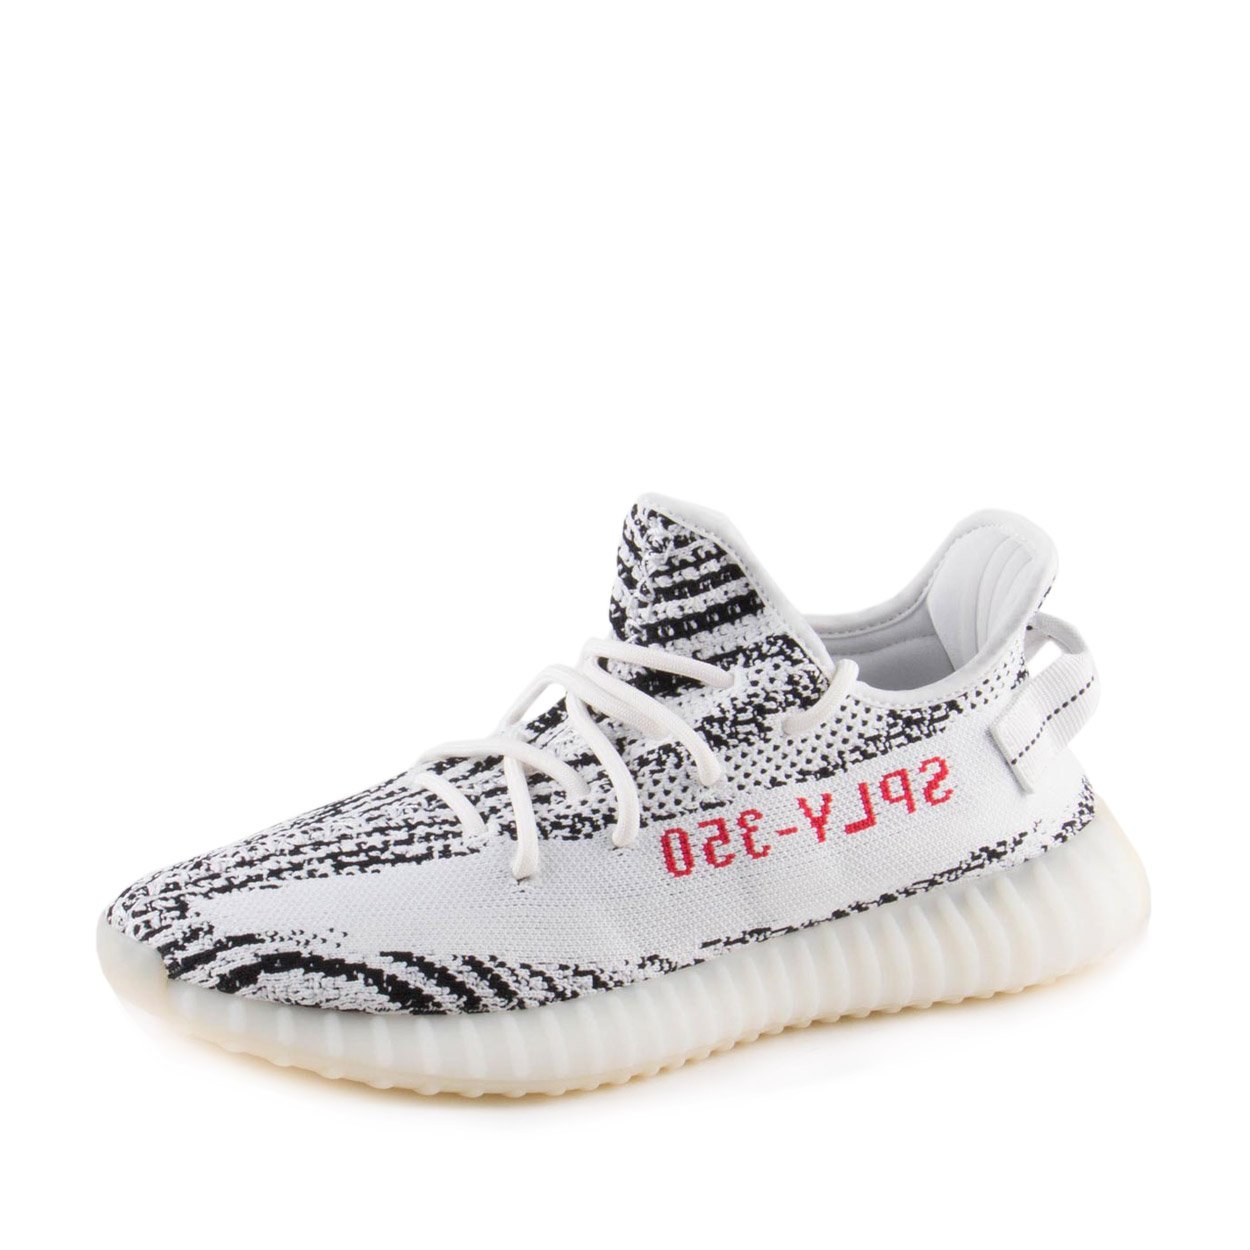 nieźle uroczy wiele modnych adidas Yeezy Boost 350 V2 Zebra - CP9654 White/Black/Red